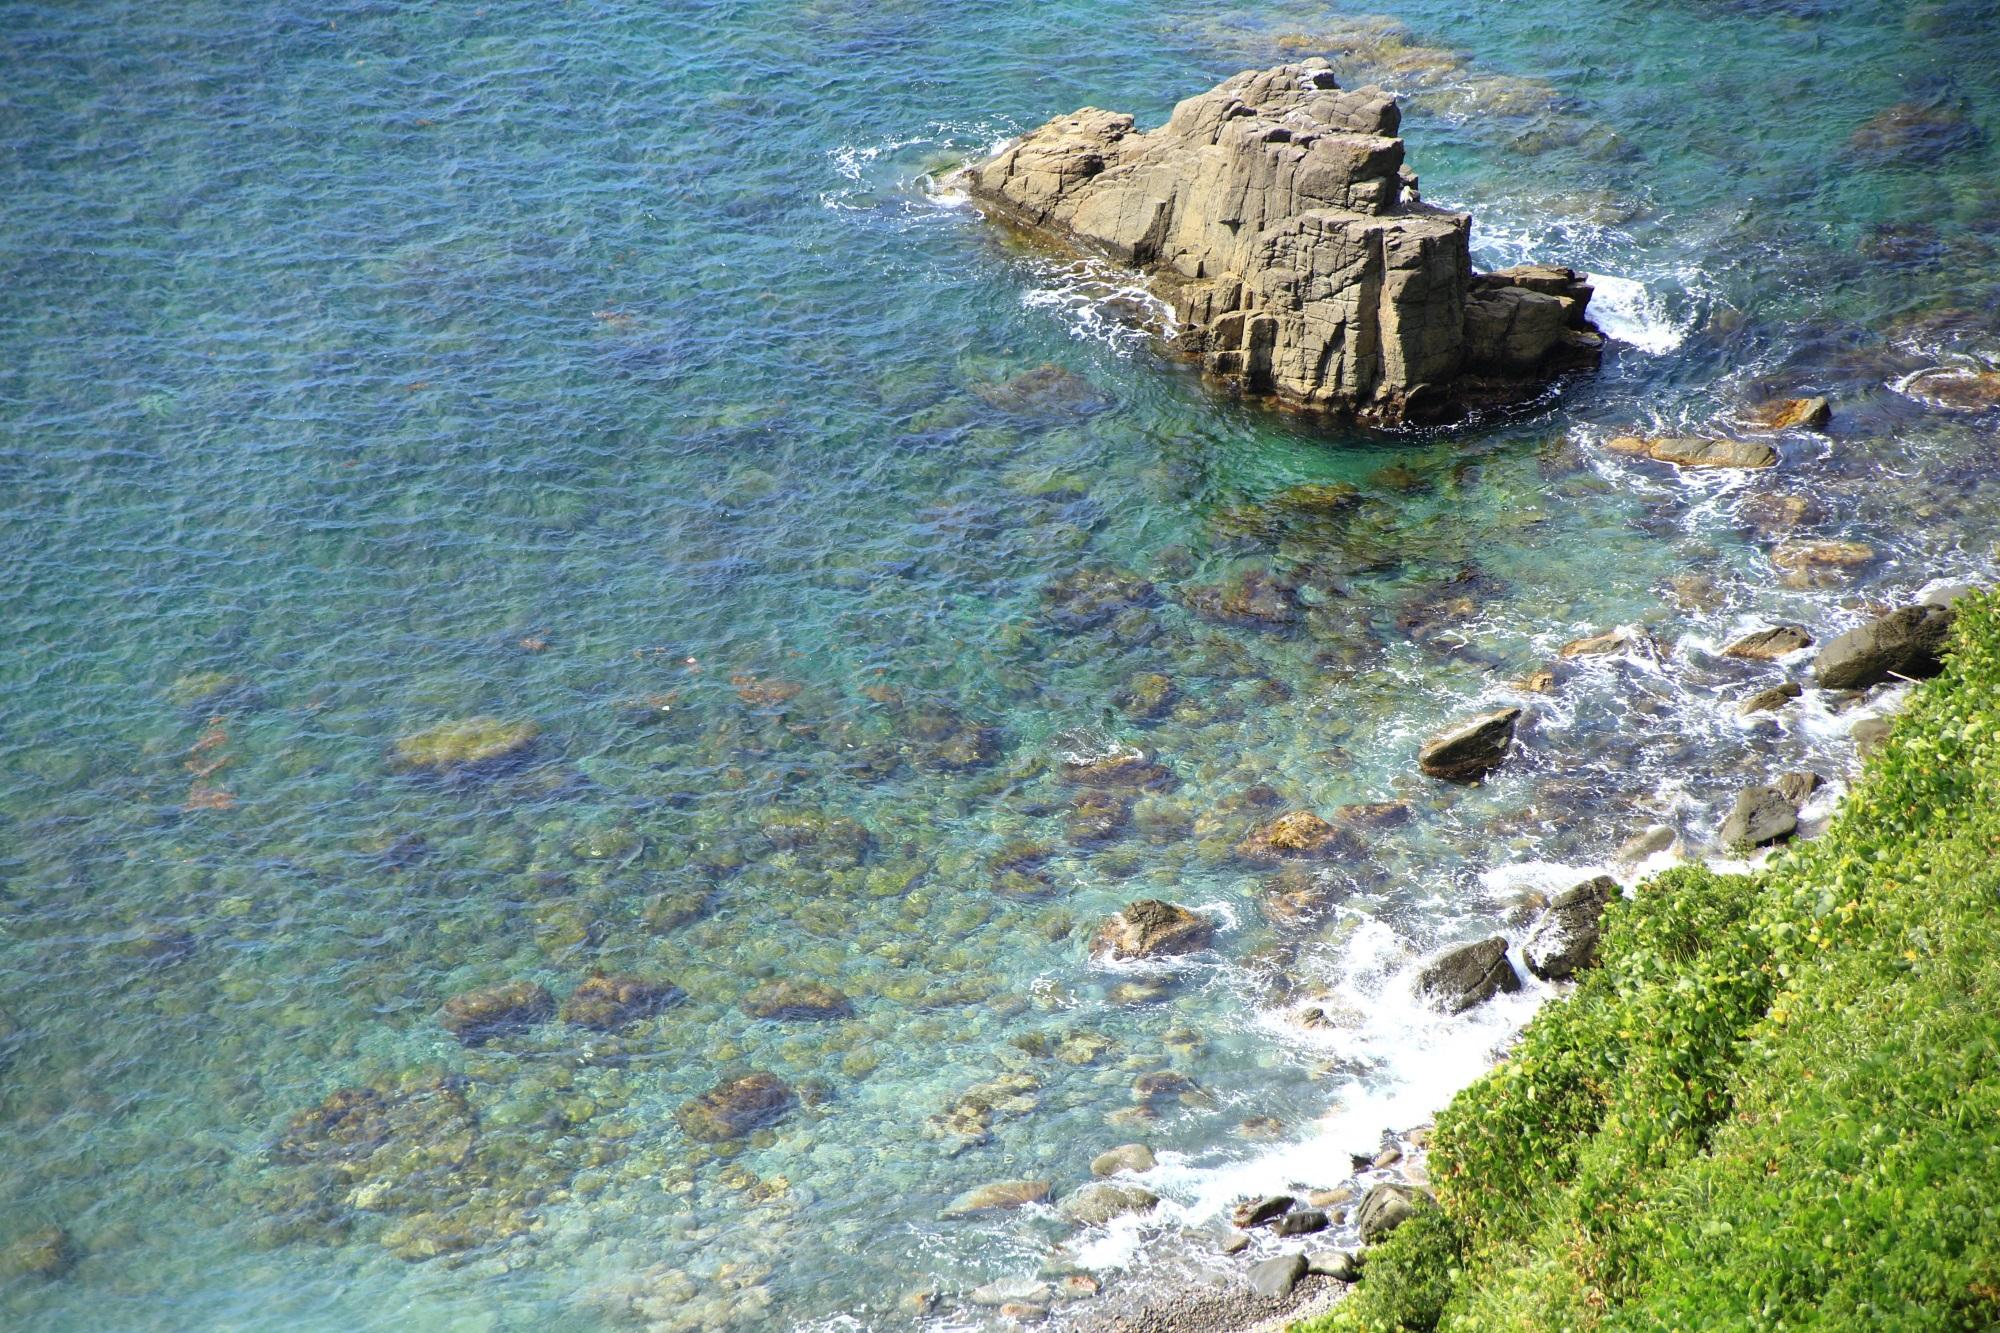 京丹後の犬ヶ岬の穏やかに揺らめく透き通る海